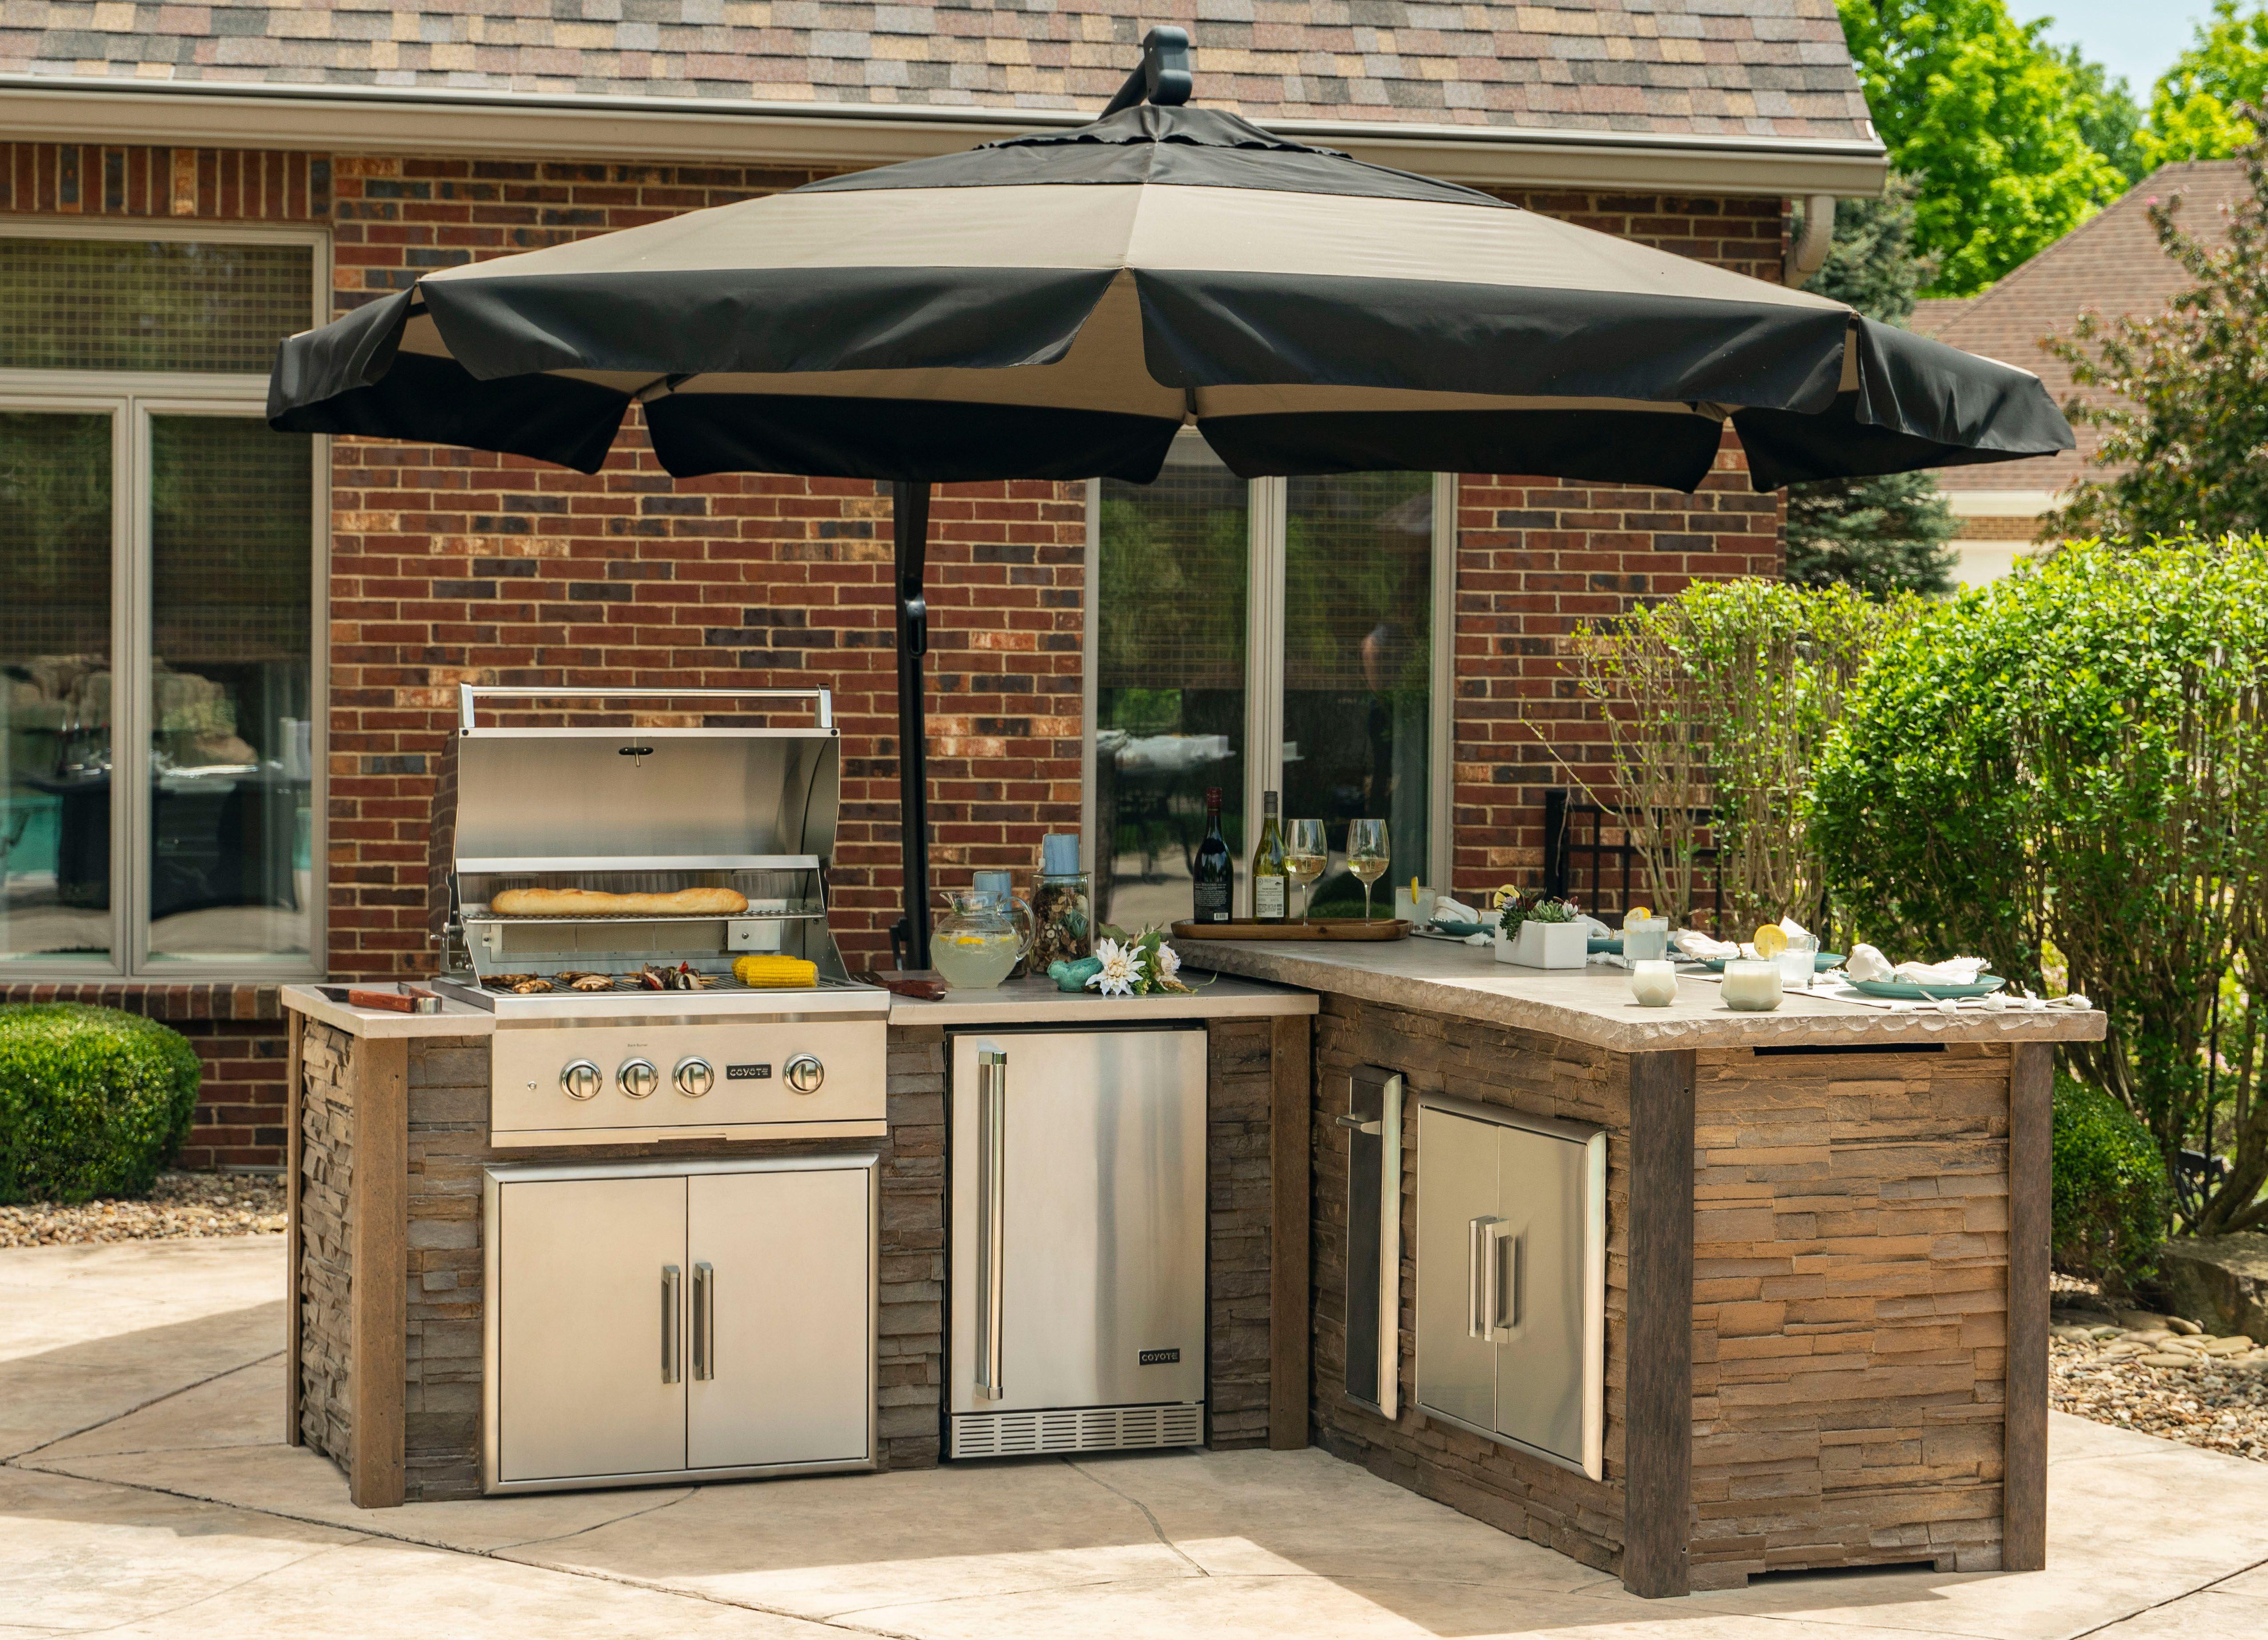 Home Coyote Outdoor Living Luxury Outdoor Kitchen Outdoor Kitchen Outdoor Living